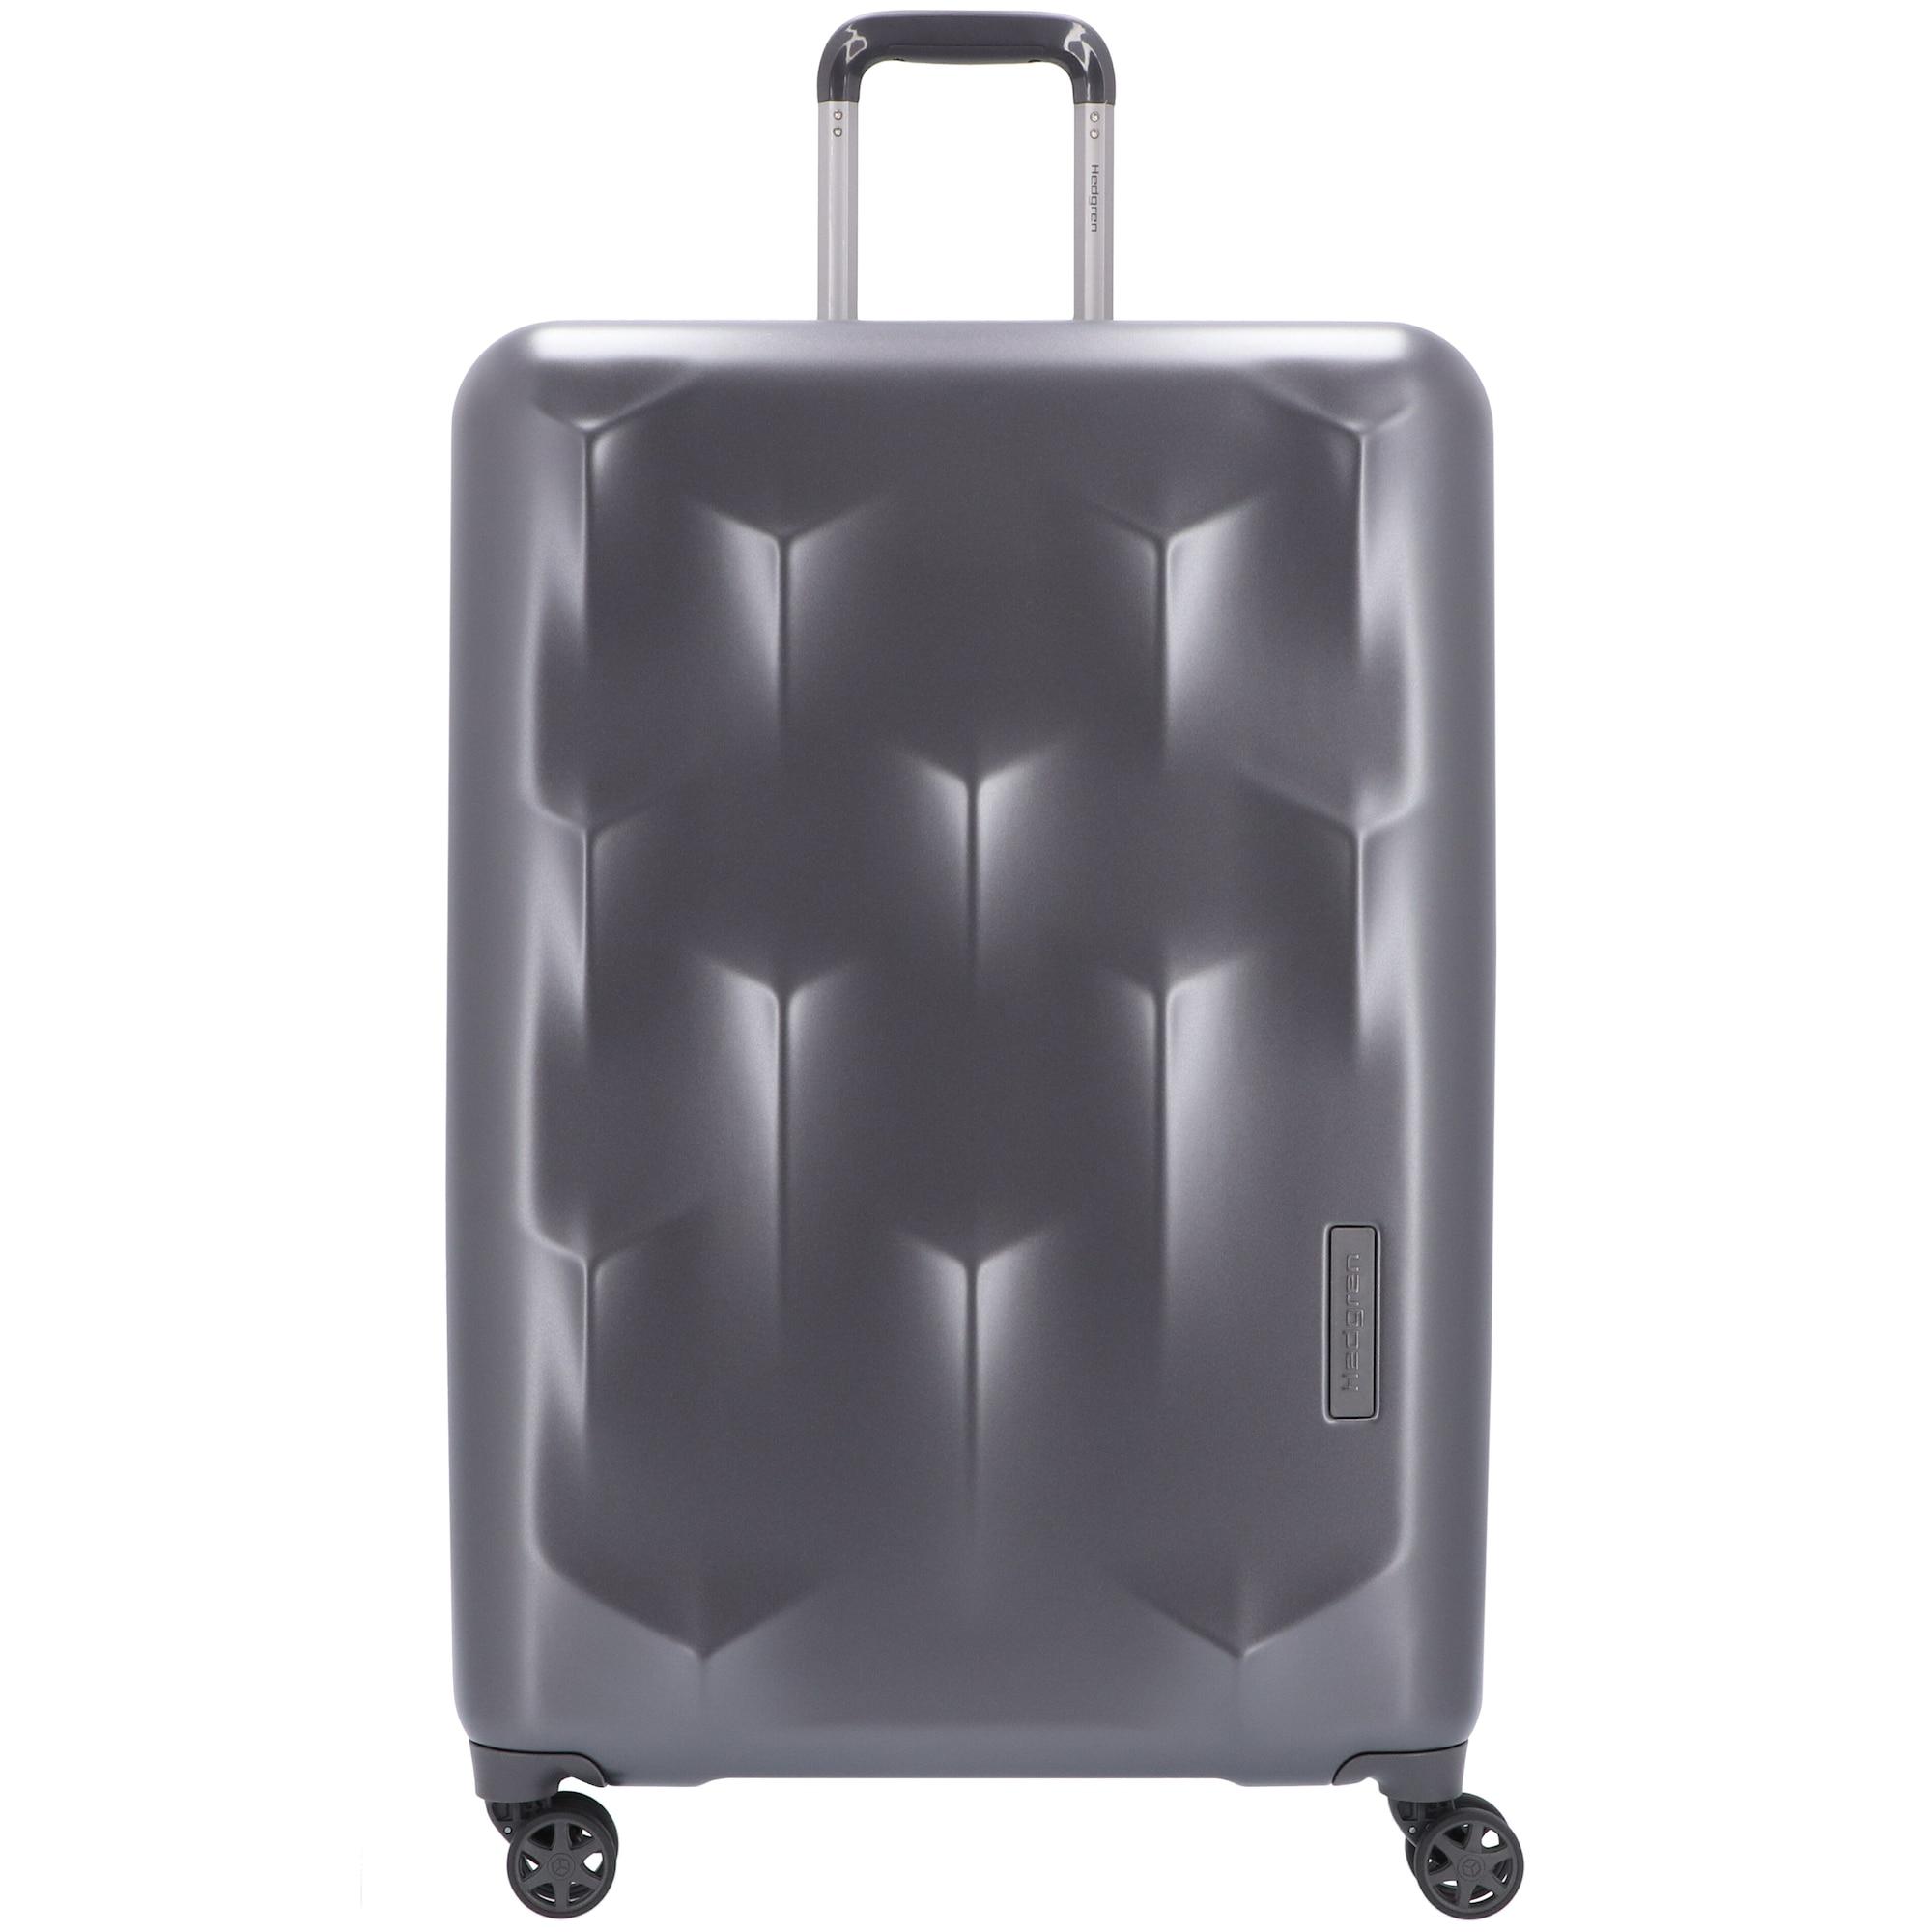 Trolley 'Edge Carve' 75 cm | Taschen > Koffer & Trolleys > Trolleys | Anthrazit | Hedgren